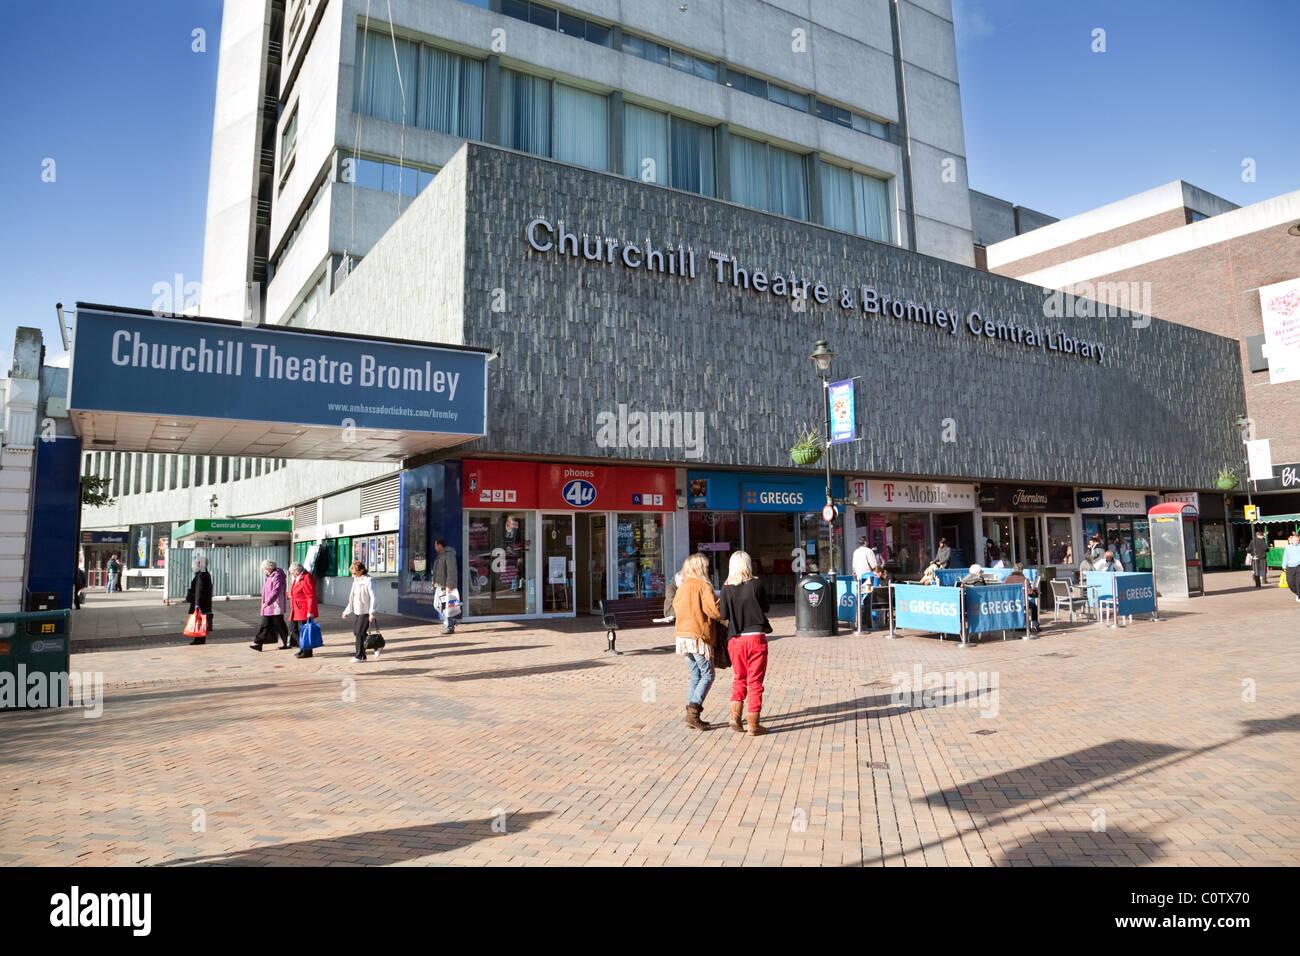 Bromley High Street, Bromley, Kent UK - Stock Image